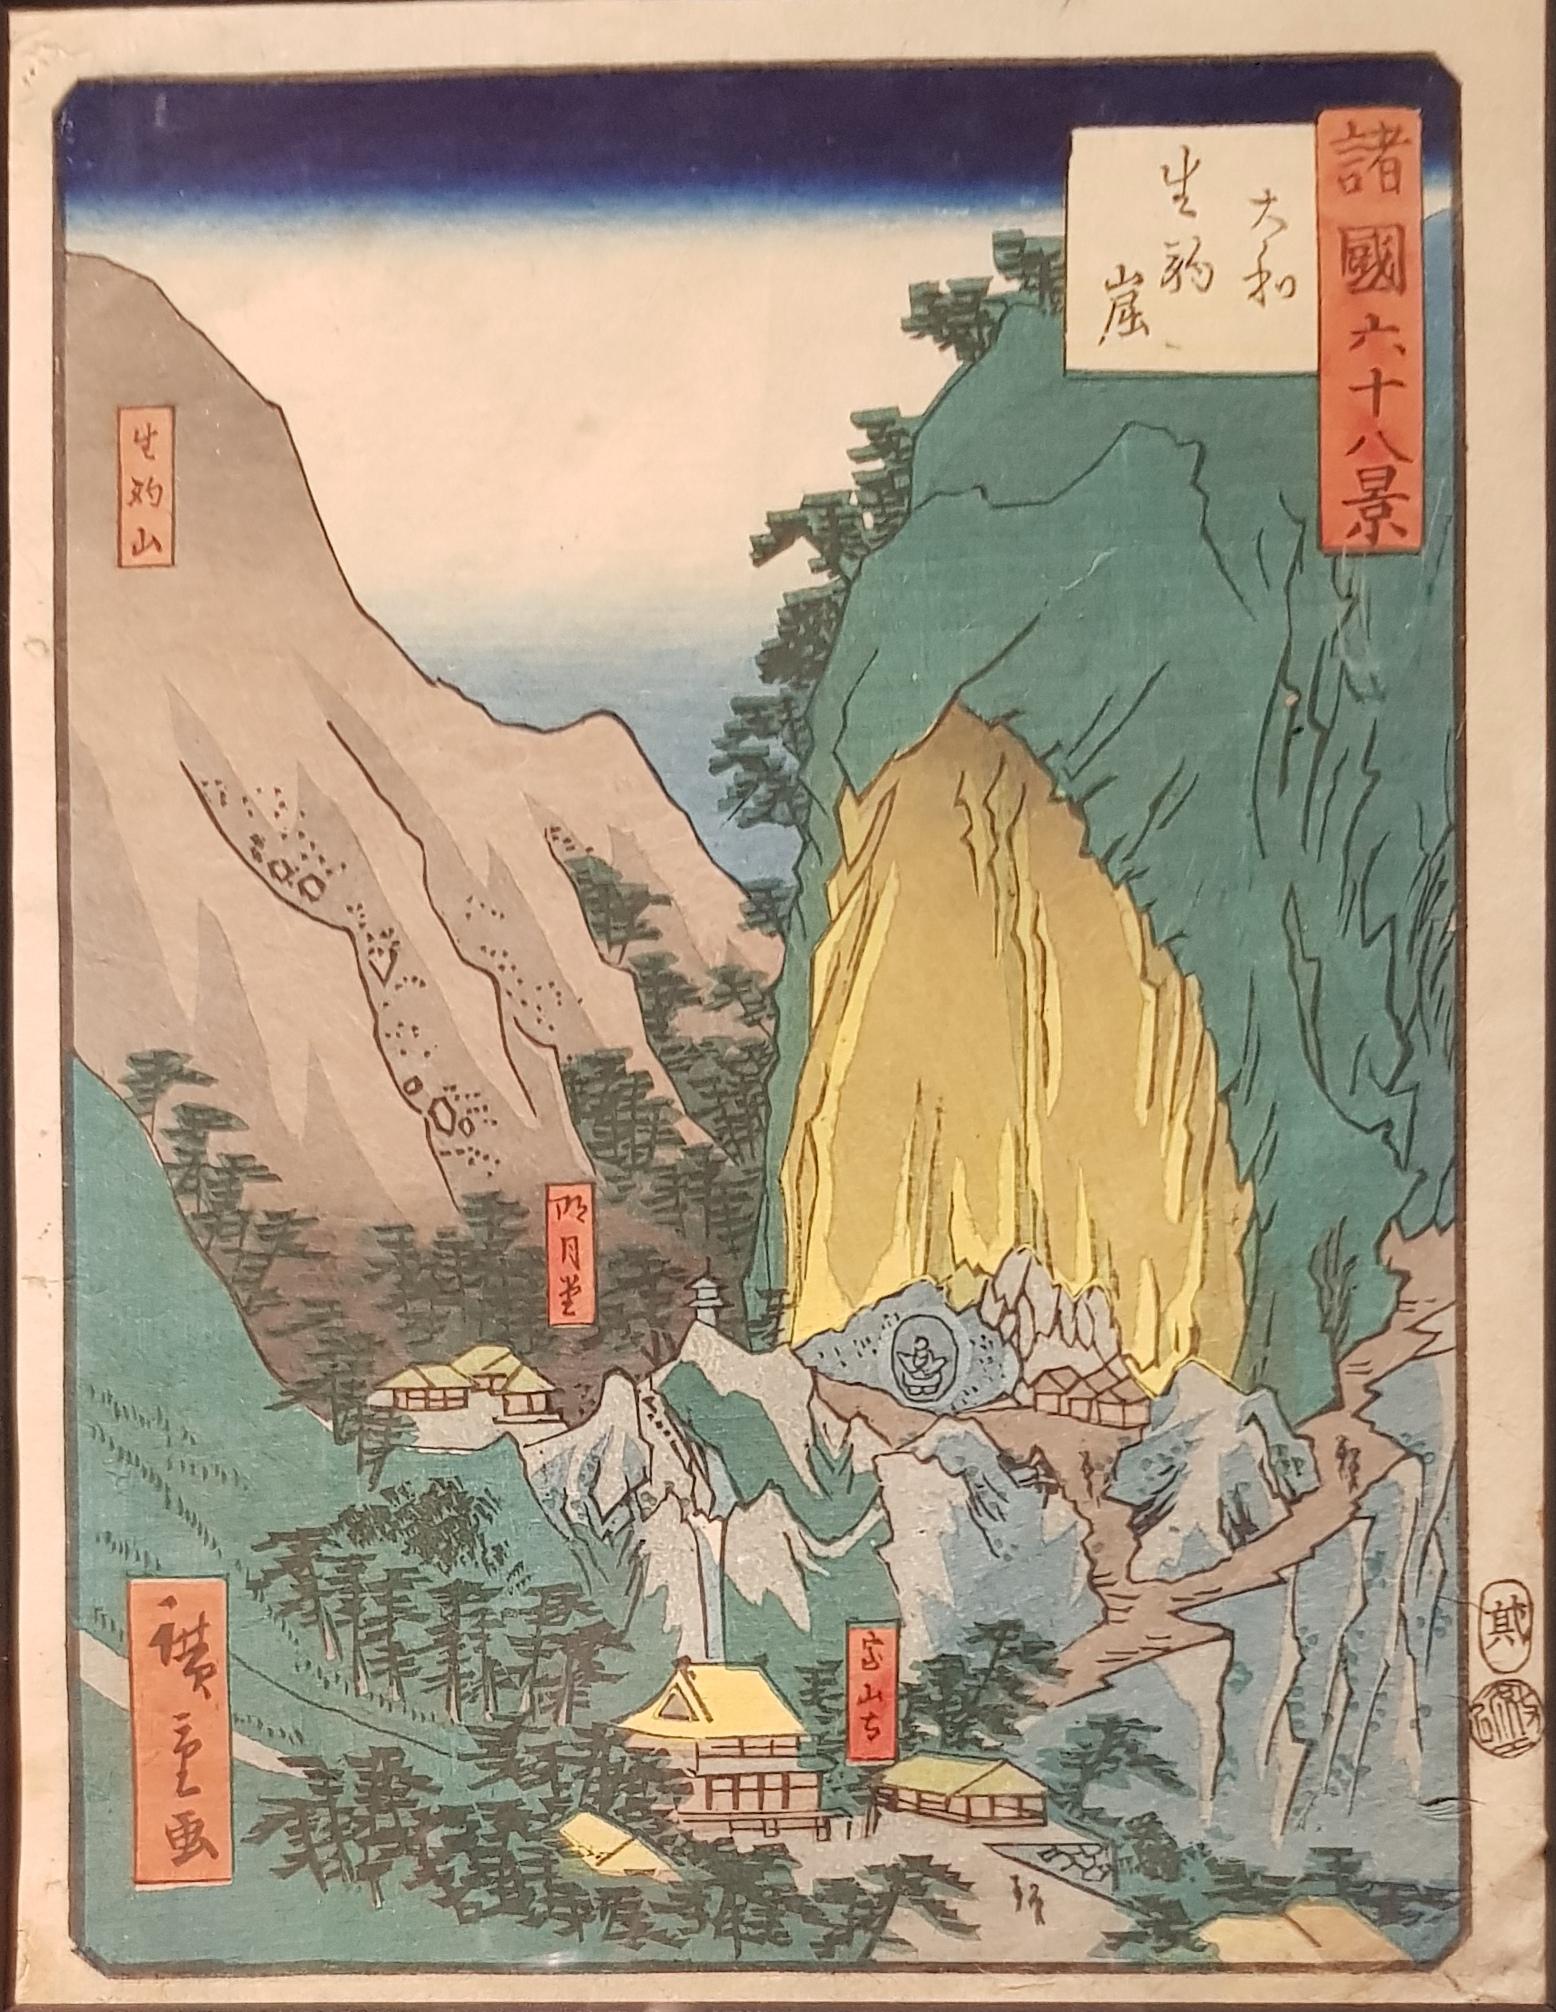 Japon - Estampe originale Hiroshige II - Shokoku rokujū-hakkei - Yamato Ikoma kutsu - Edo 1862 Image